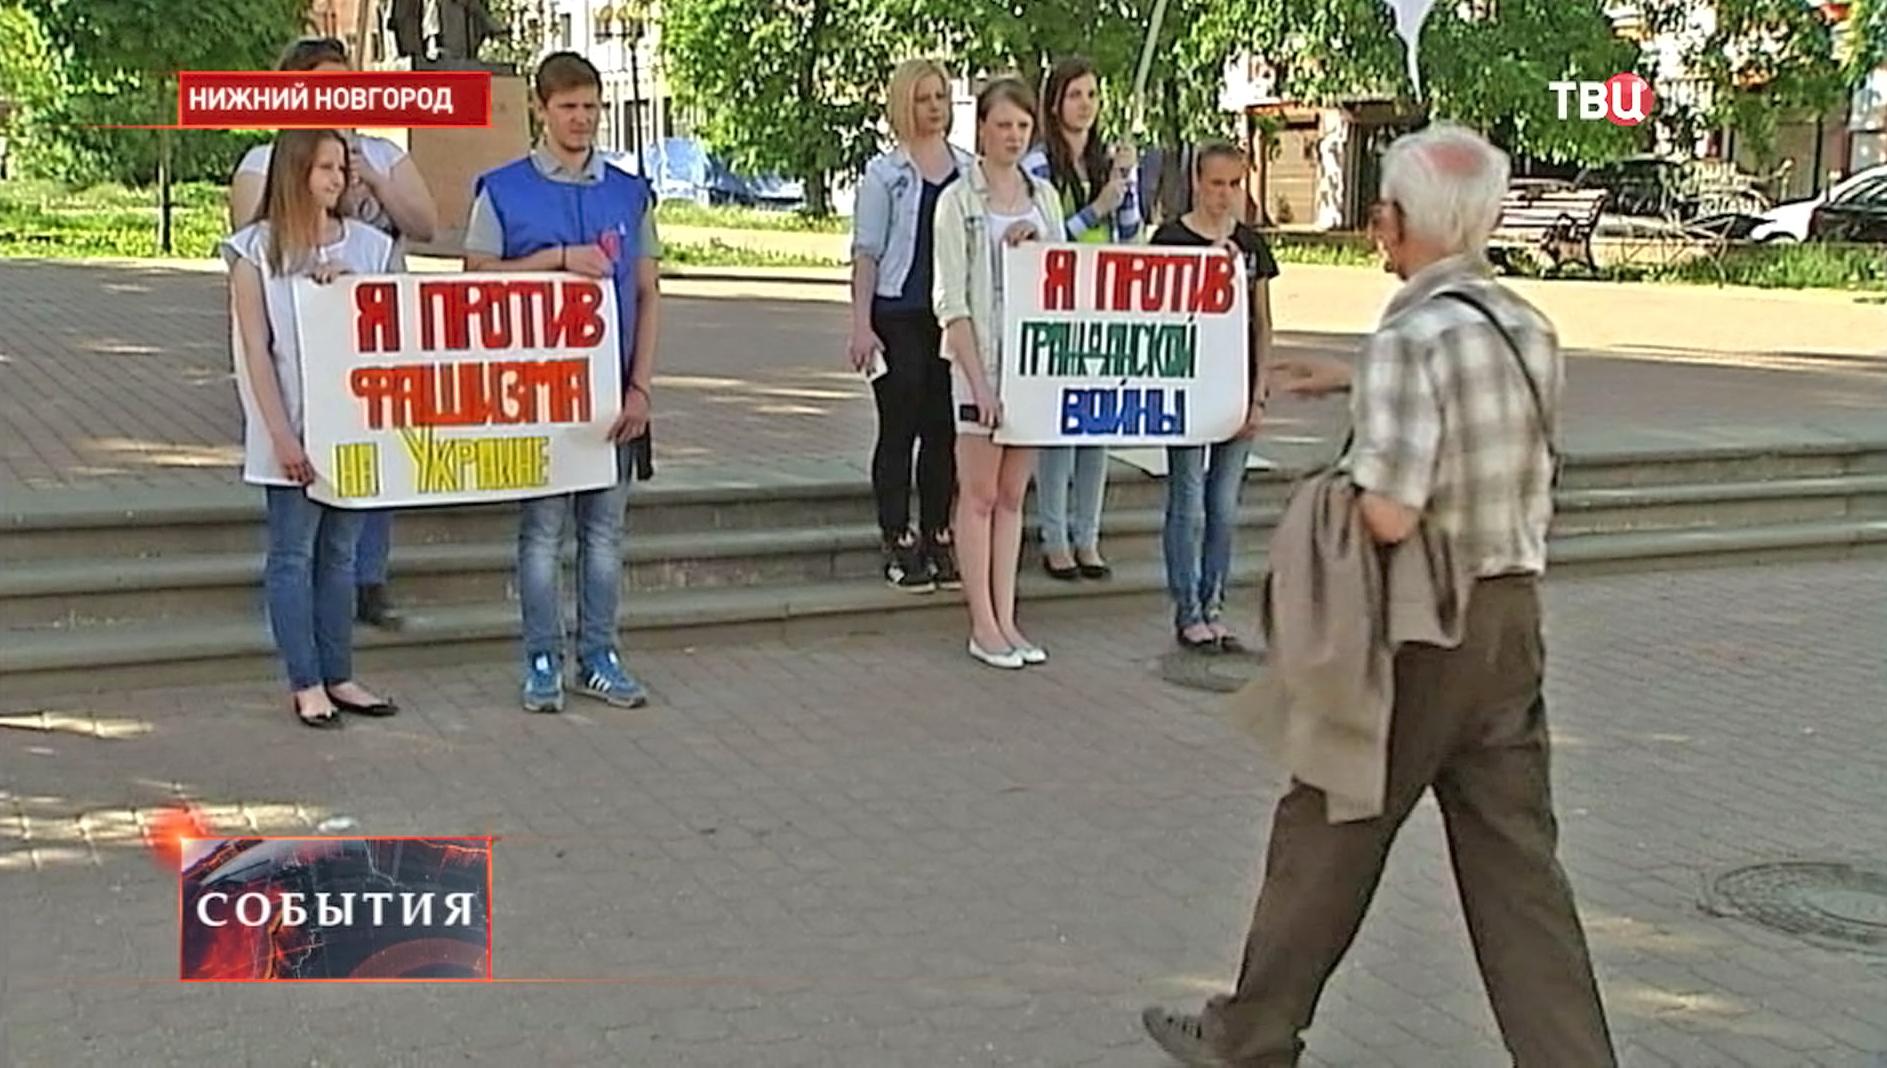 Пикет в Нижнем Новгороде